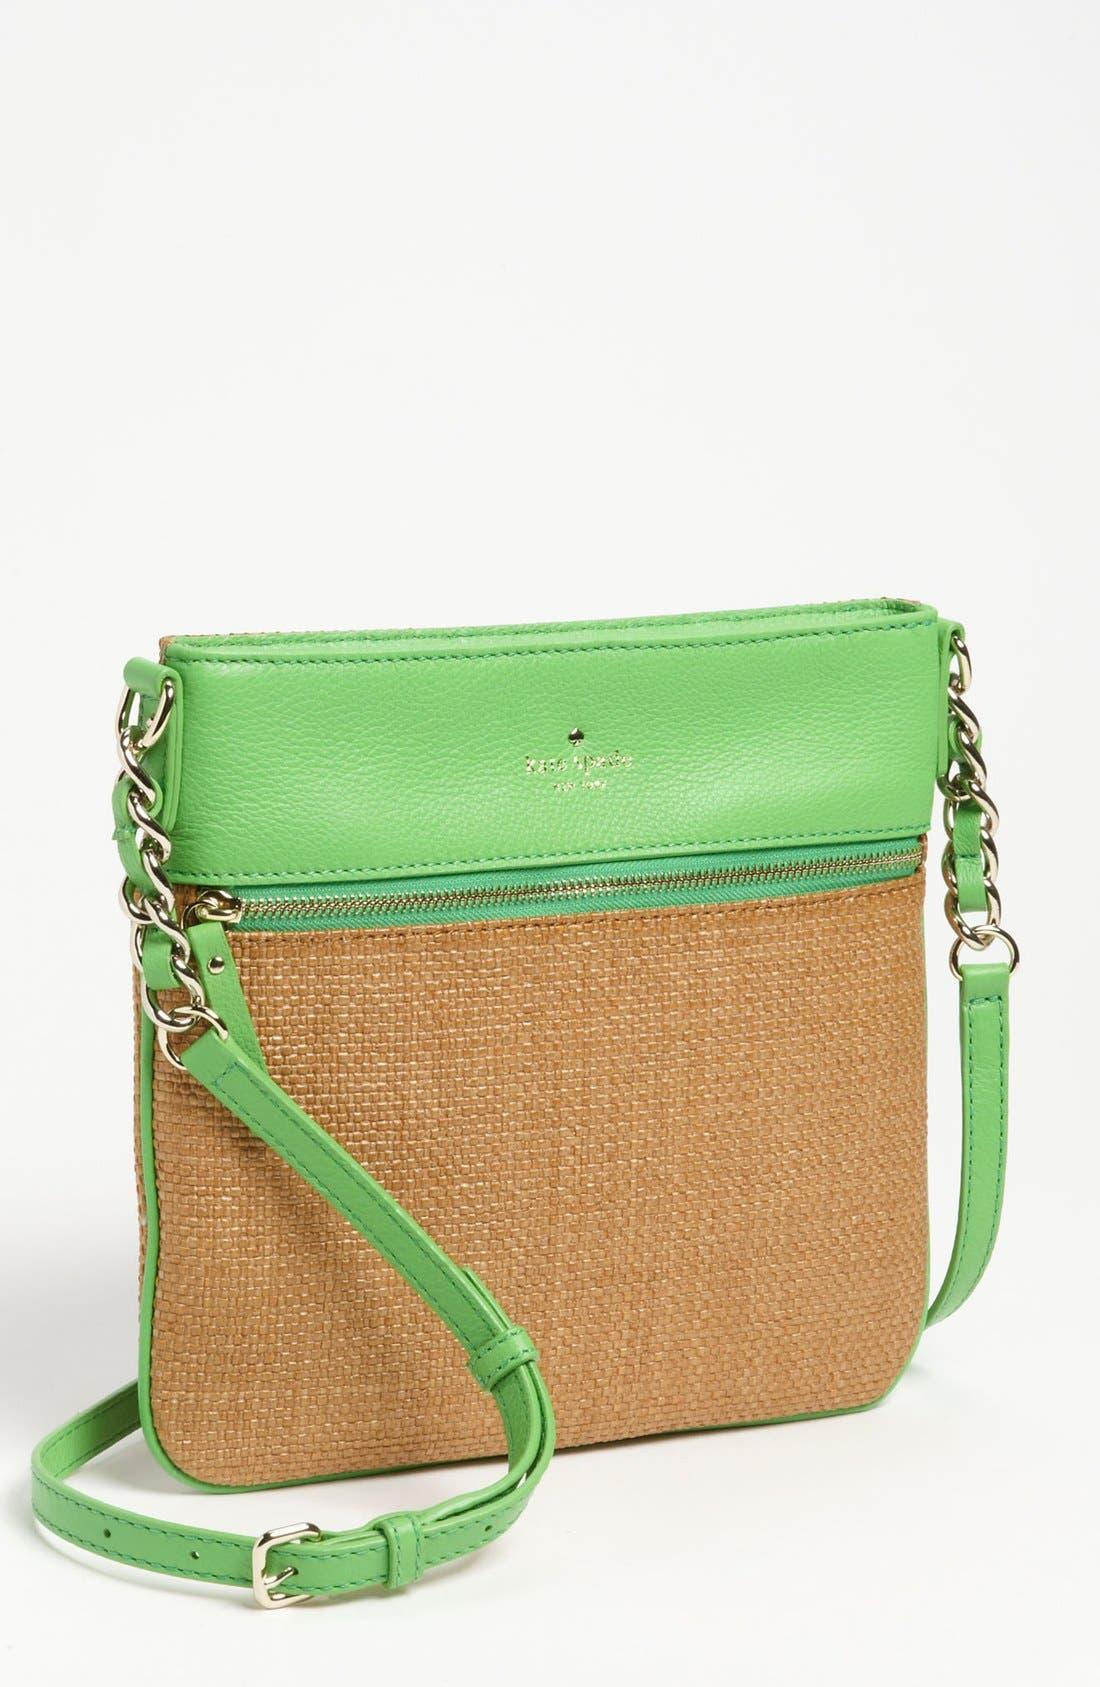 Alternate Image 1 Selected - kate spade new york 'cobble hill - ellen' crossbody bag